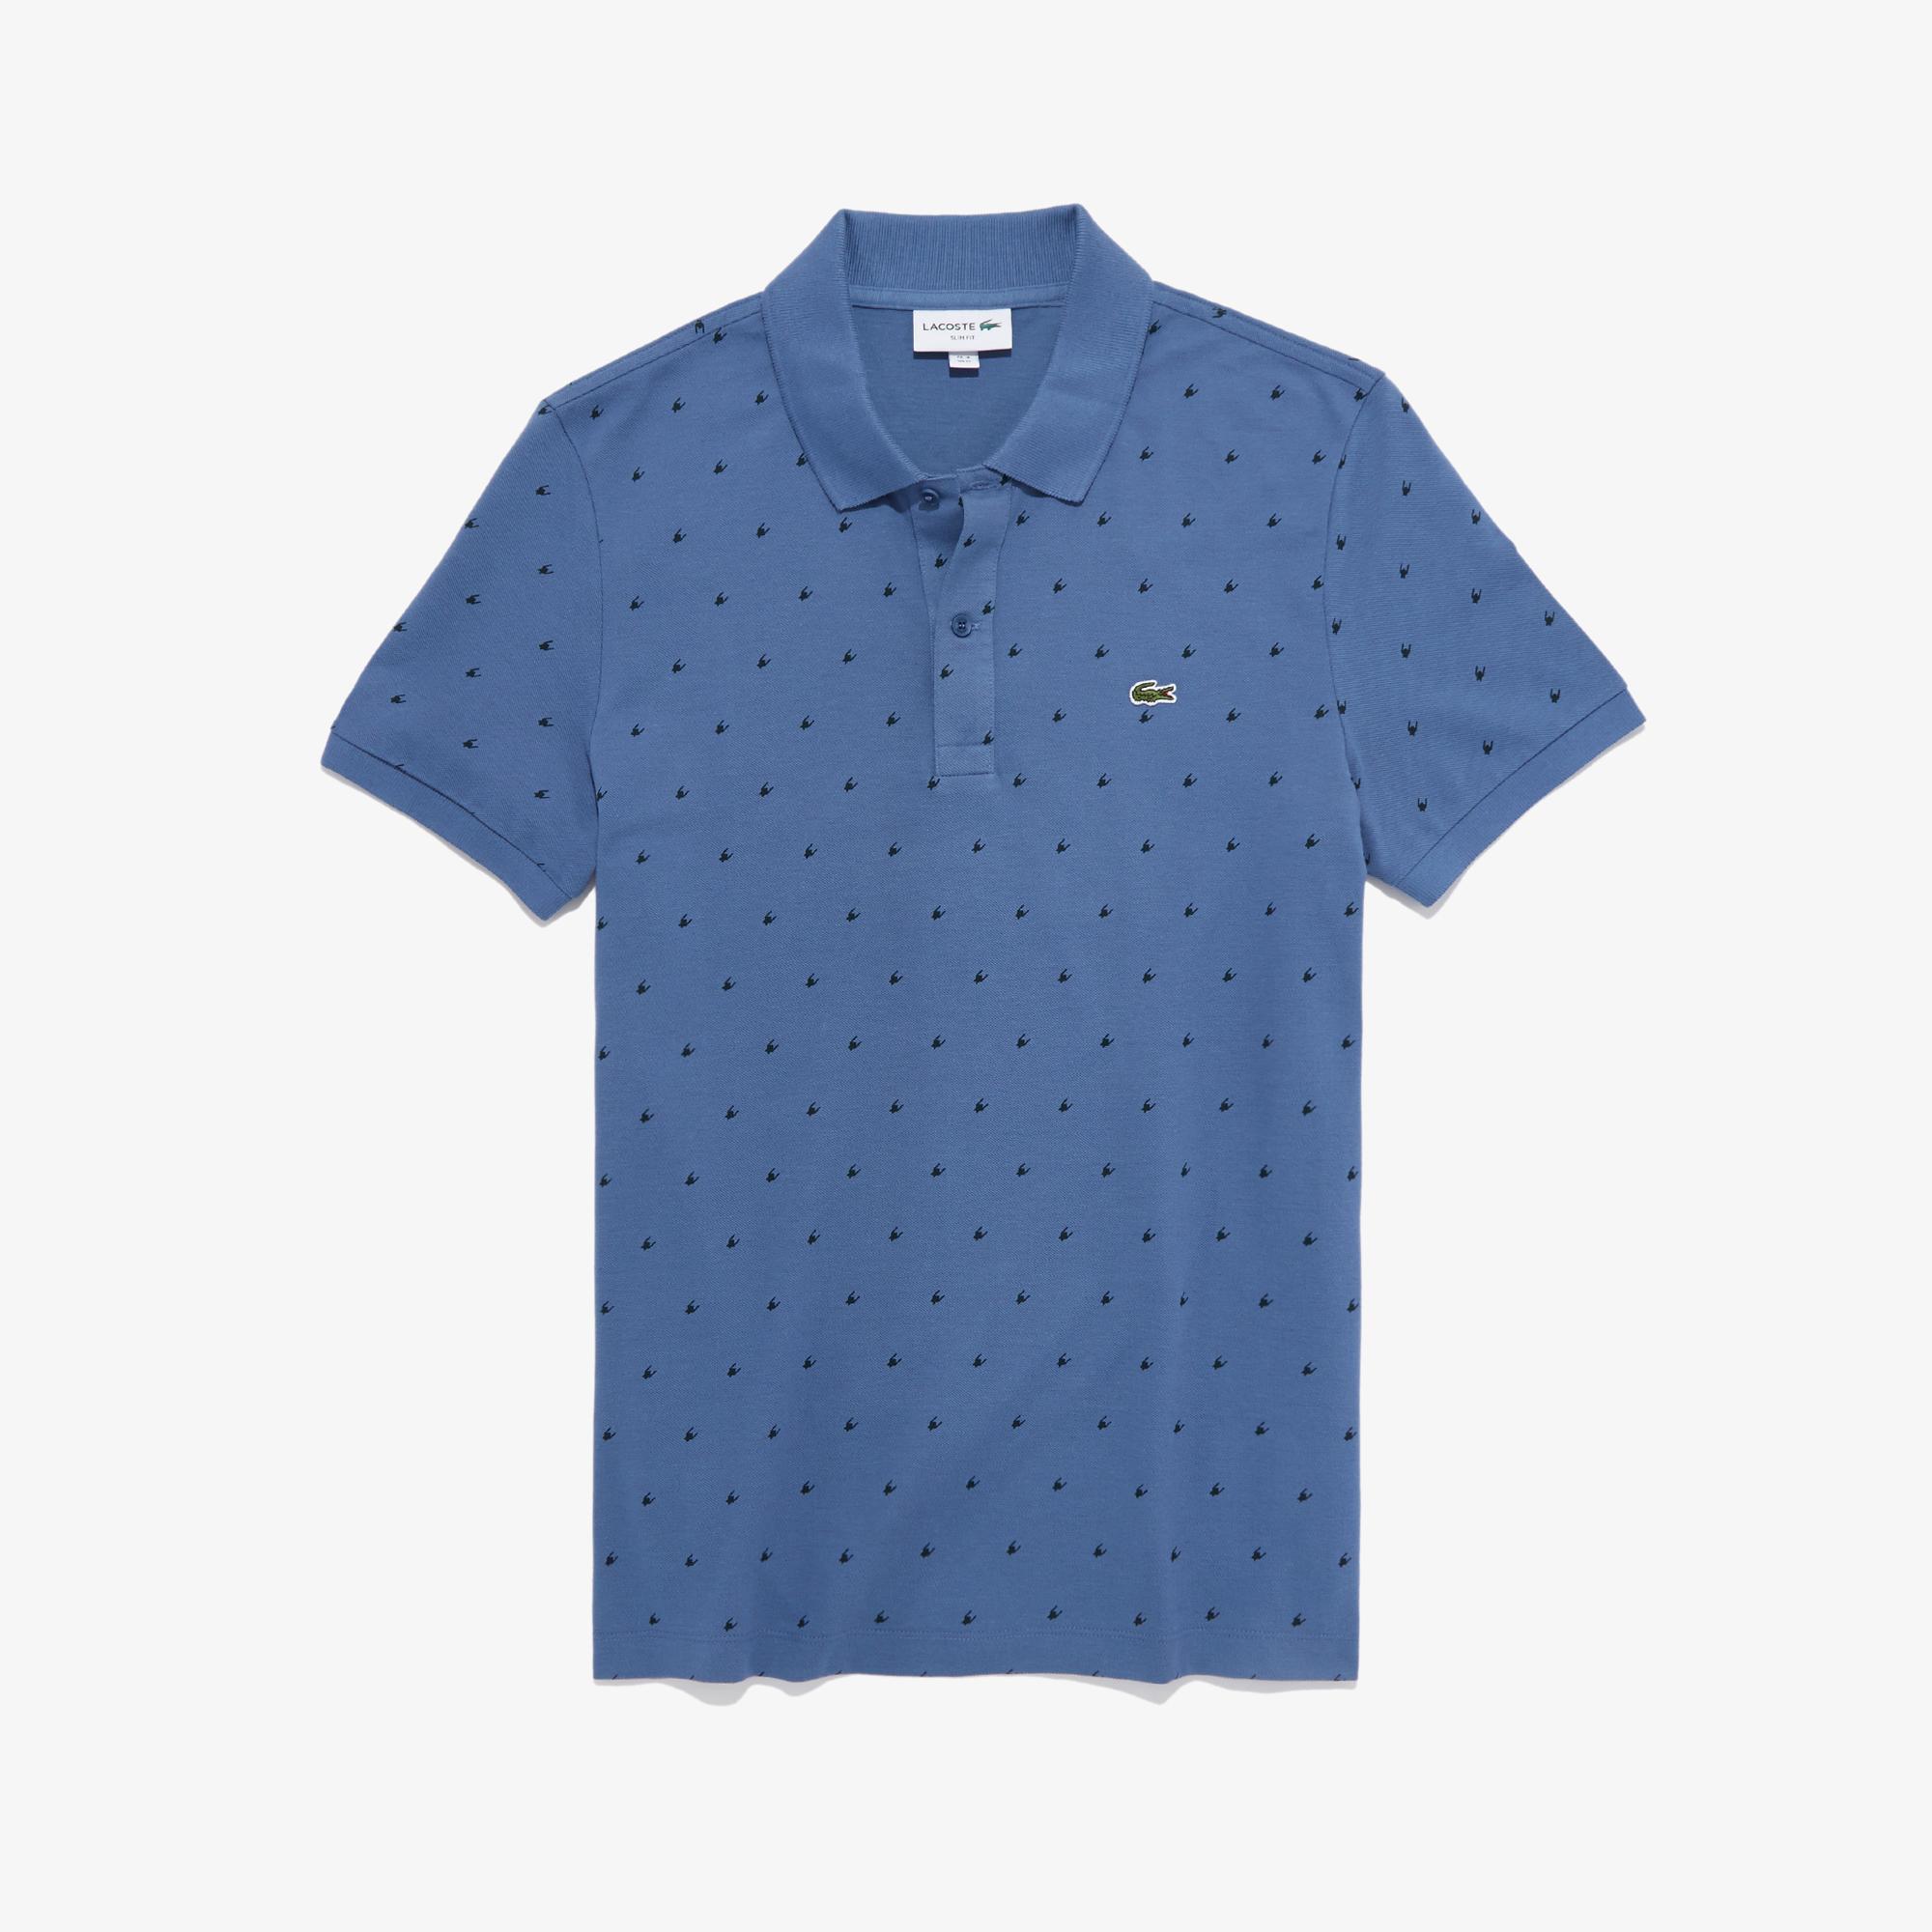 Lacoste Erkek Slim Fit Baskılı Mavi Polo